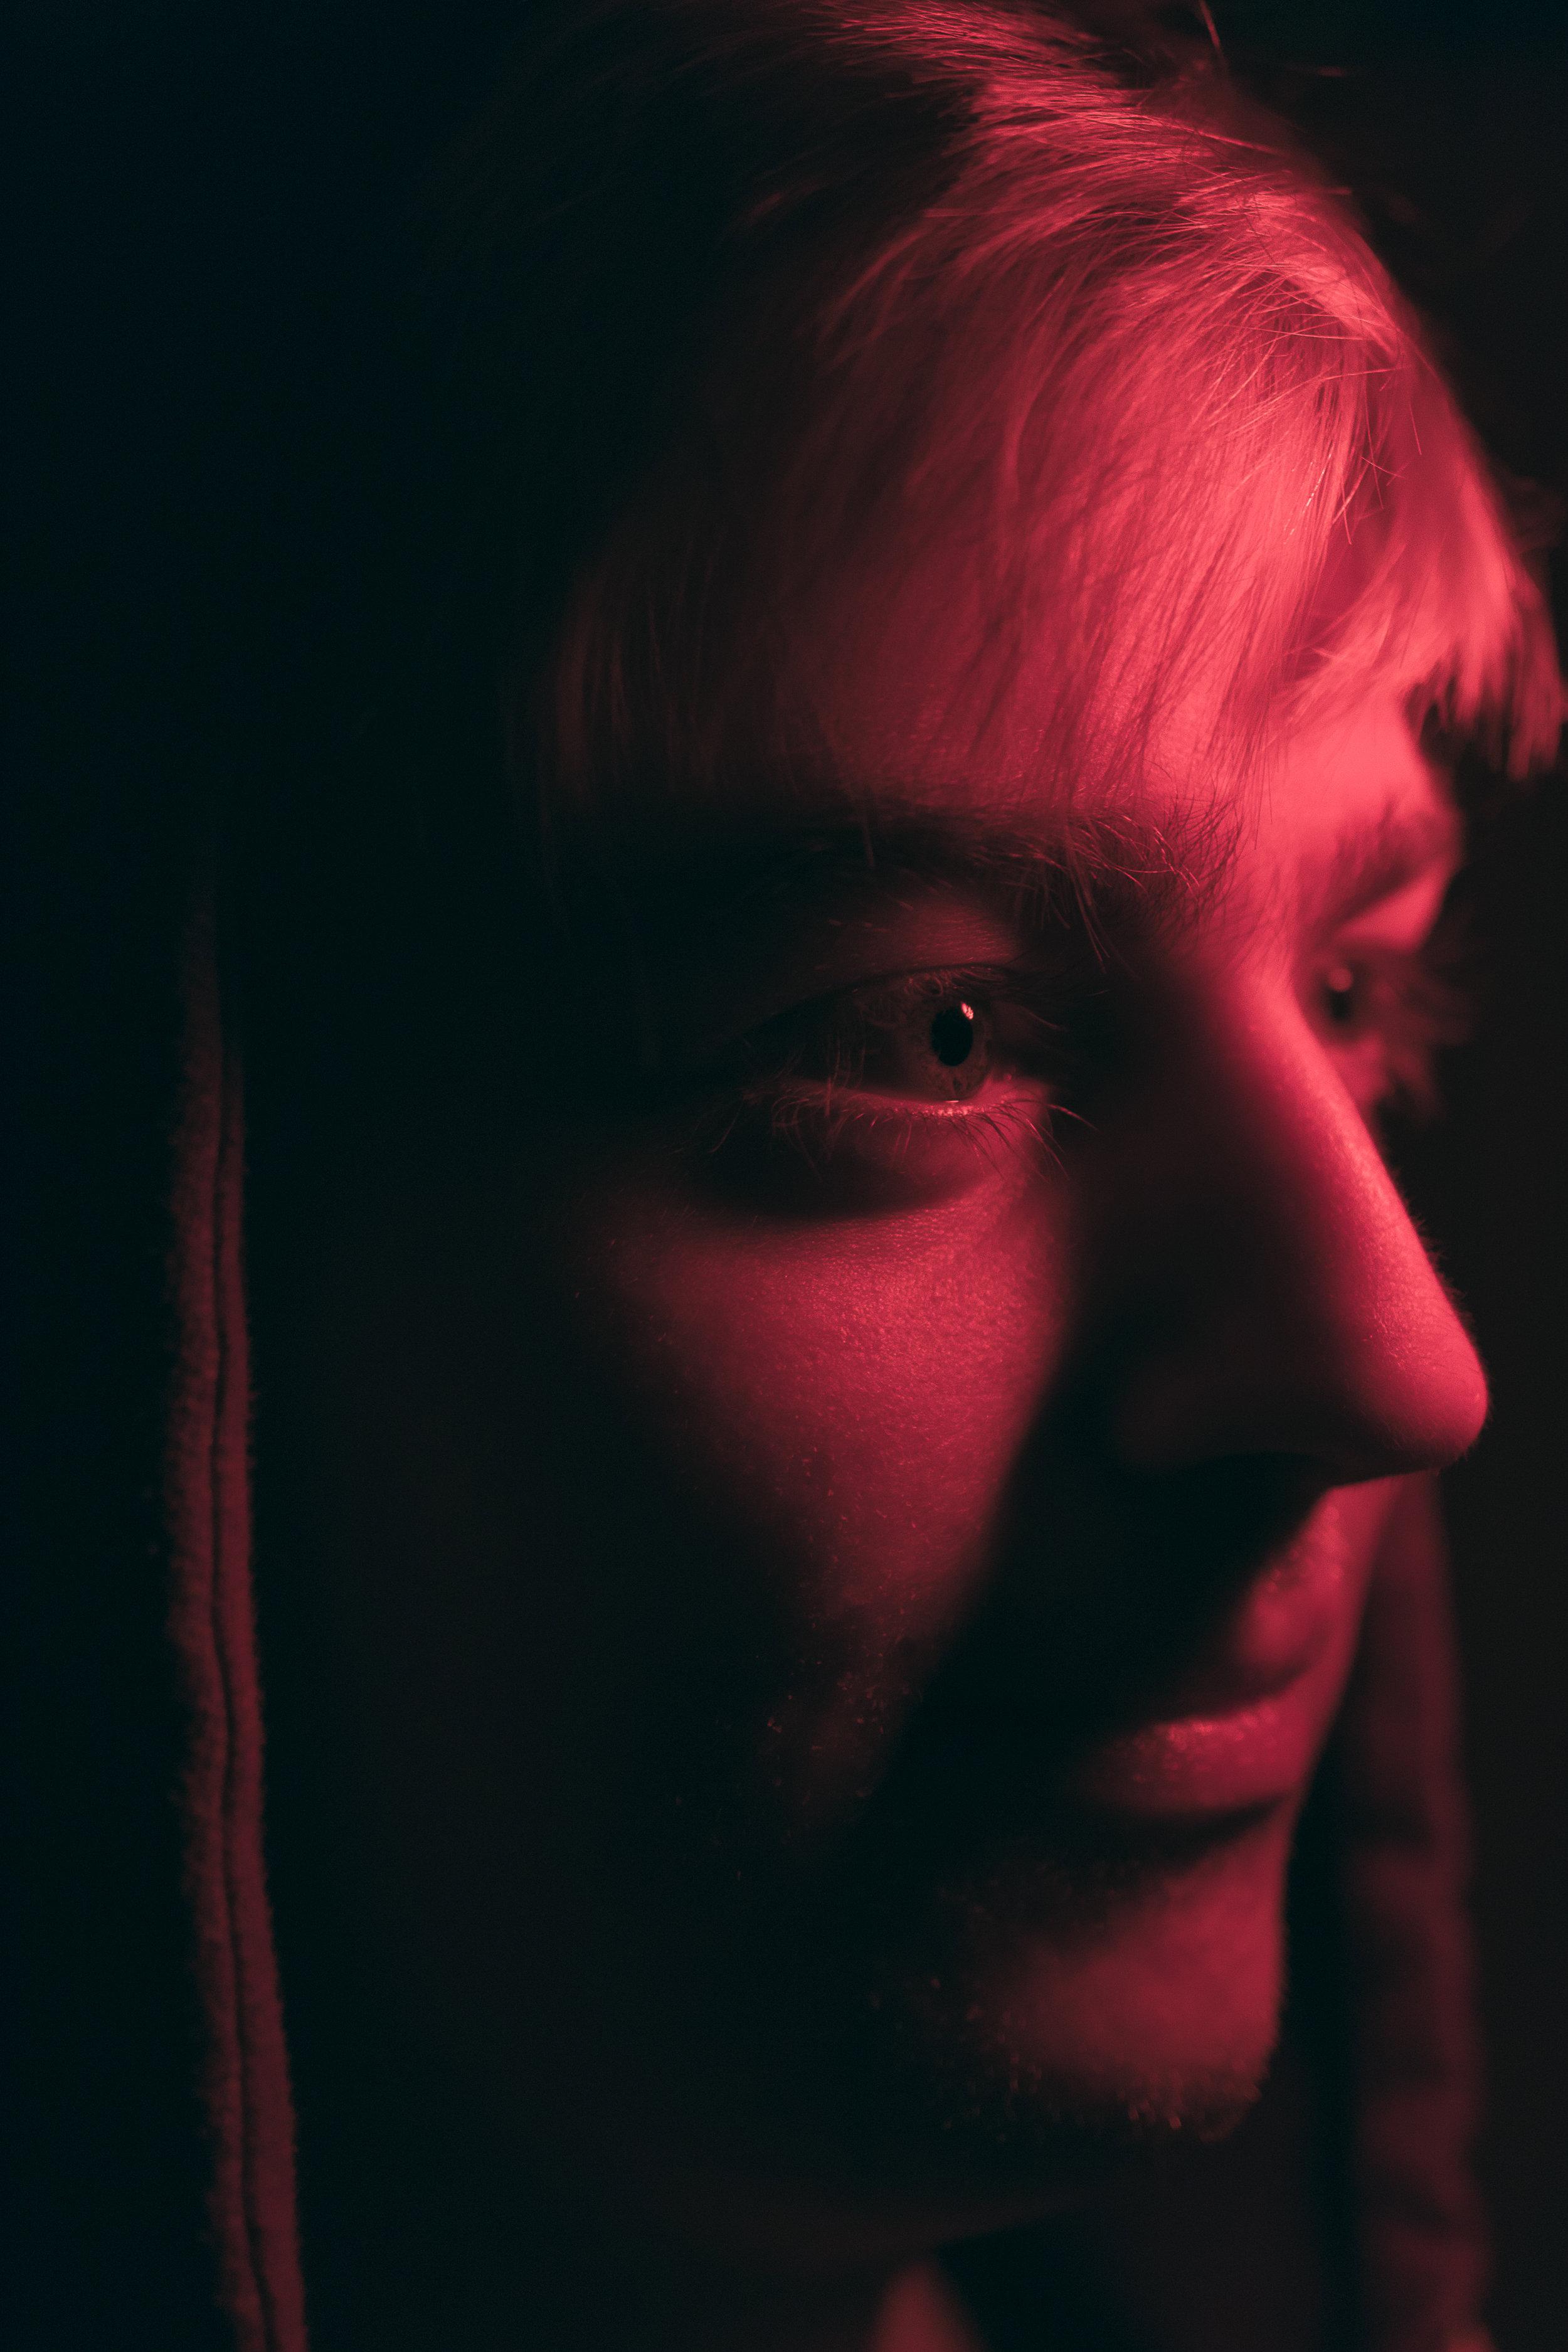 Rødt lys i mørket brukt til et Rembrandt portrett av en person.